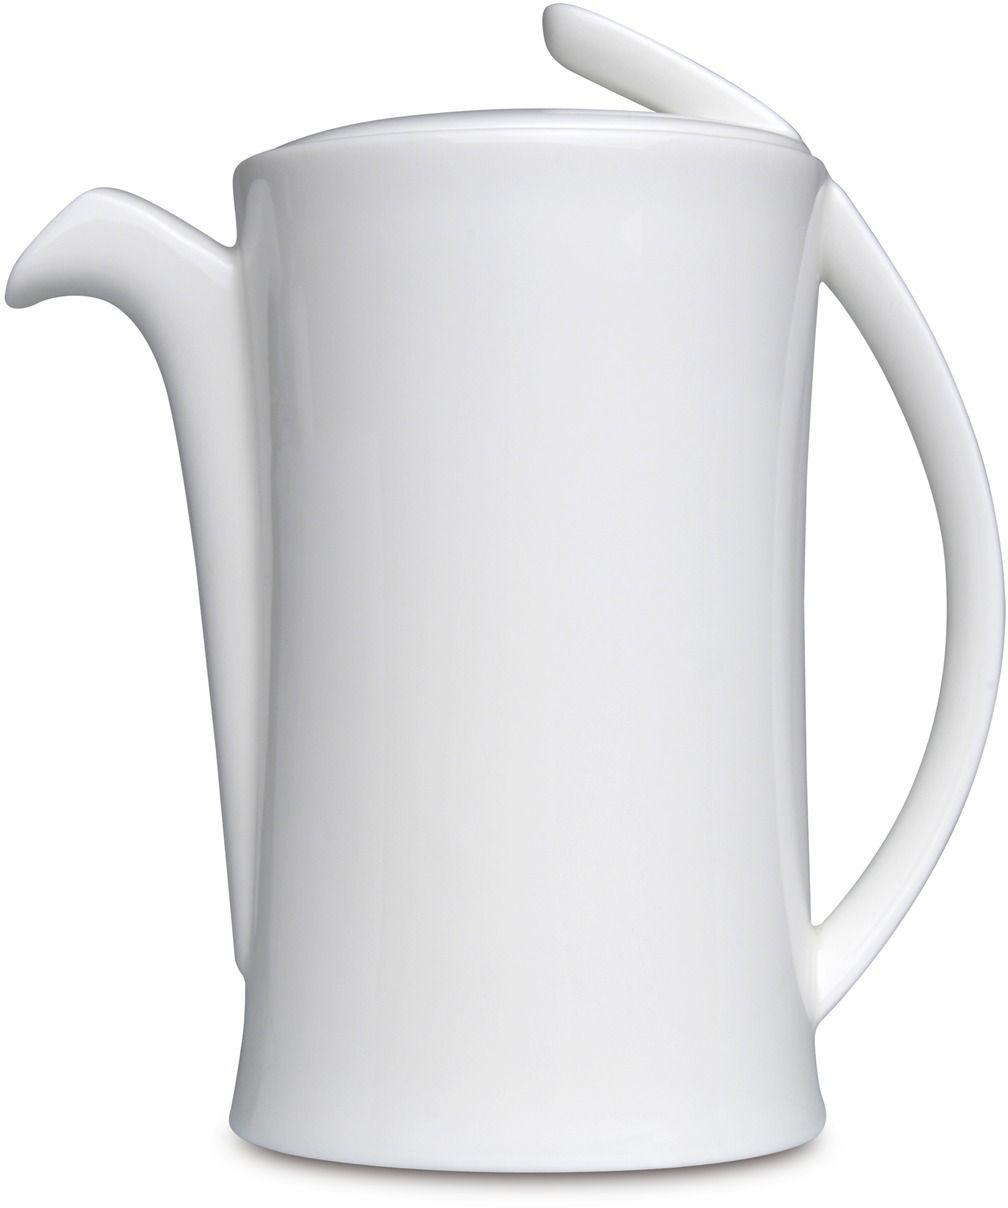 Кофейник BergHOFF Concavo, 1,2 л1693255